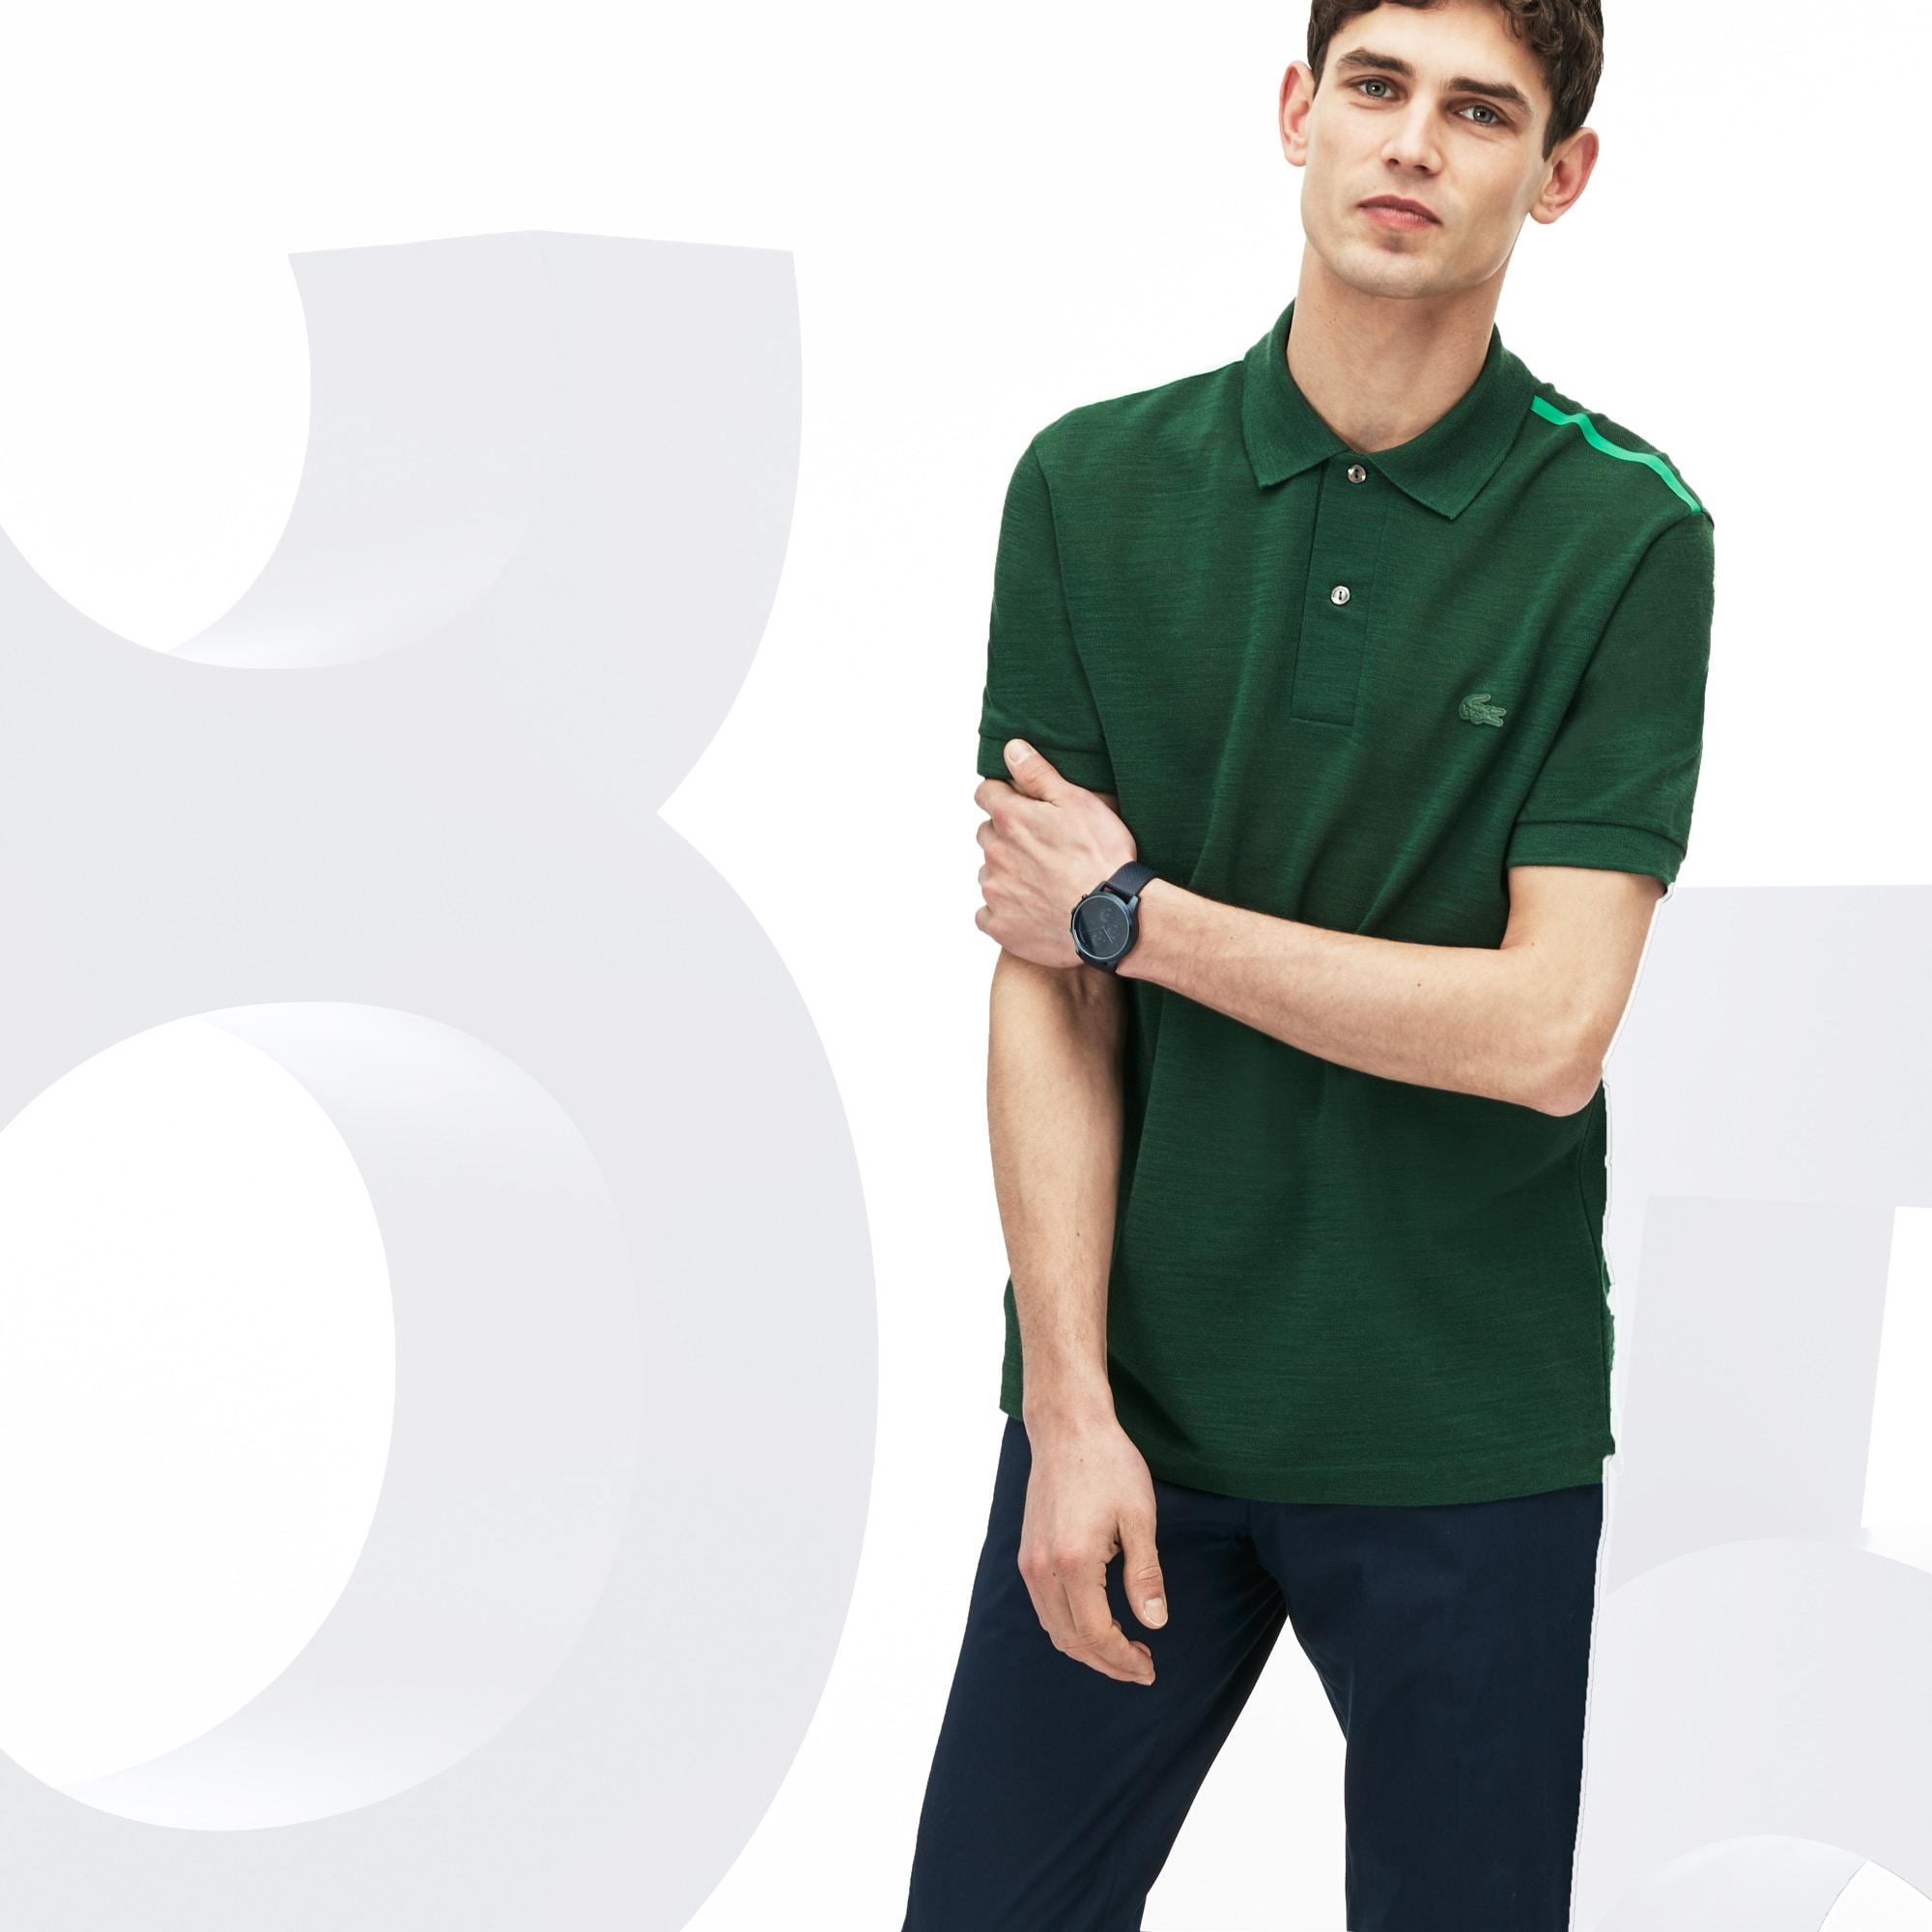 0731467ff3ed9 Camisa Polo Lacoste L.12.12 Masculina Edição Limitada de Aniversário de 85  Anos ...